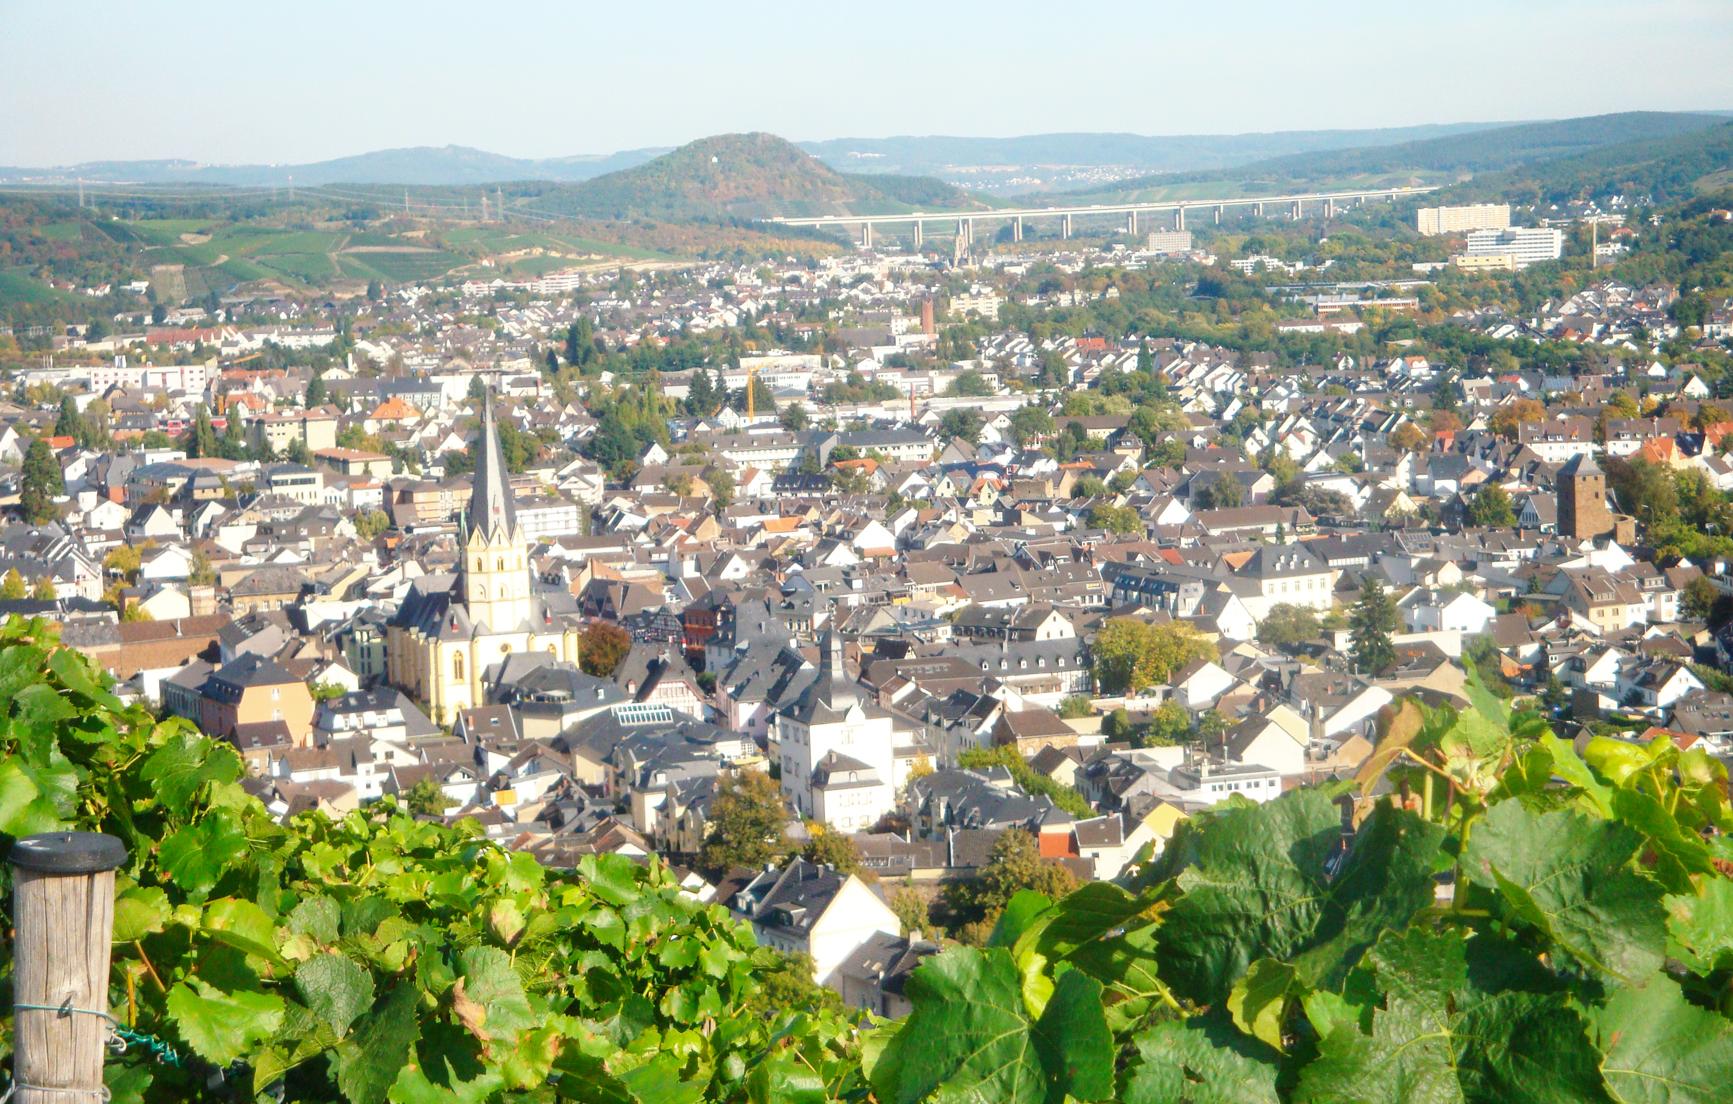 weinbergwanderung-bad-neuenahr-ahrweiler-bg4